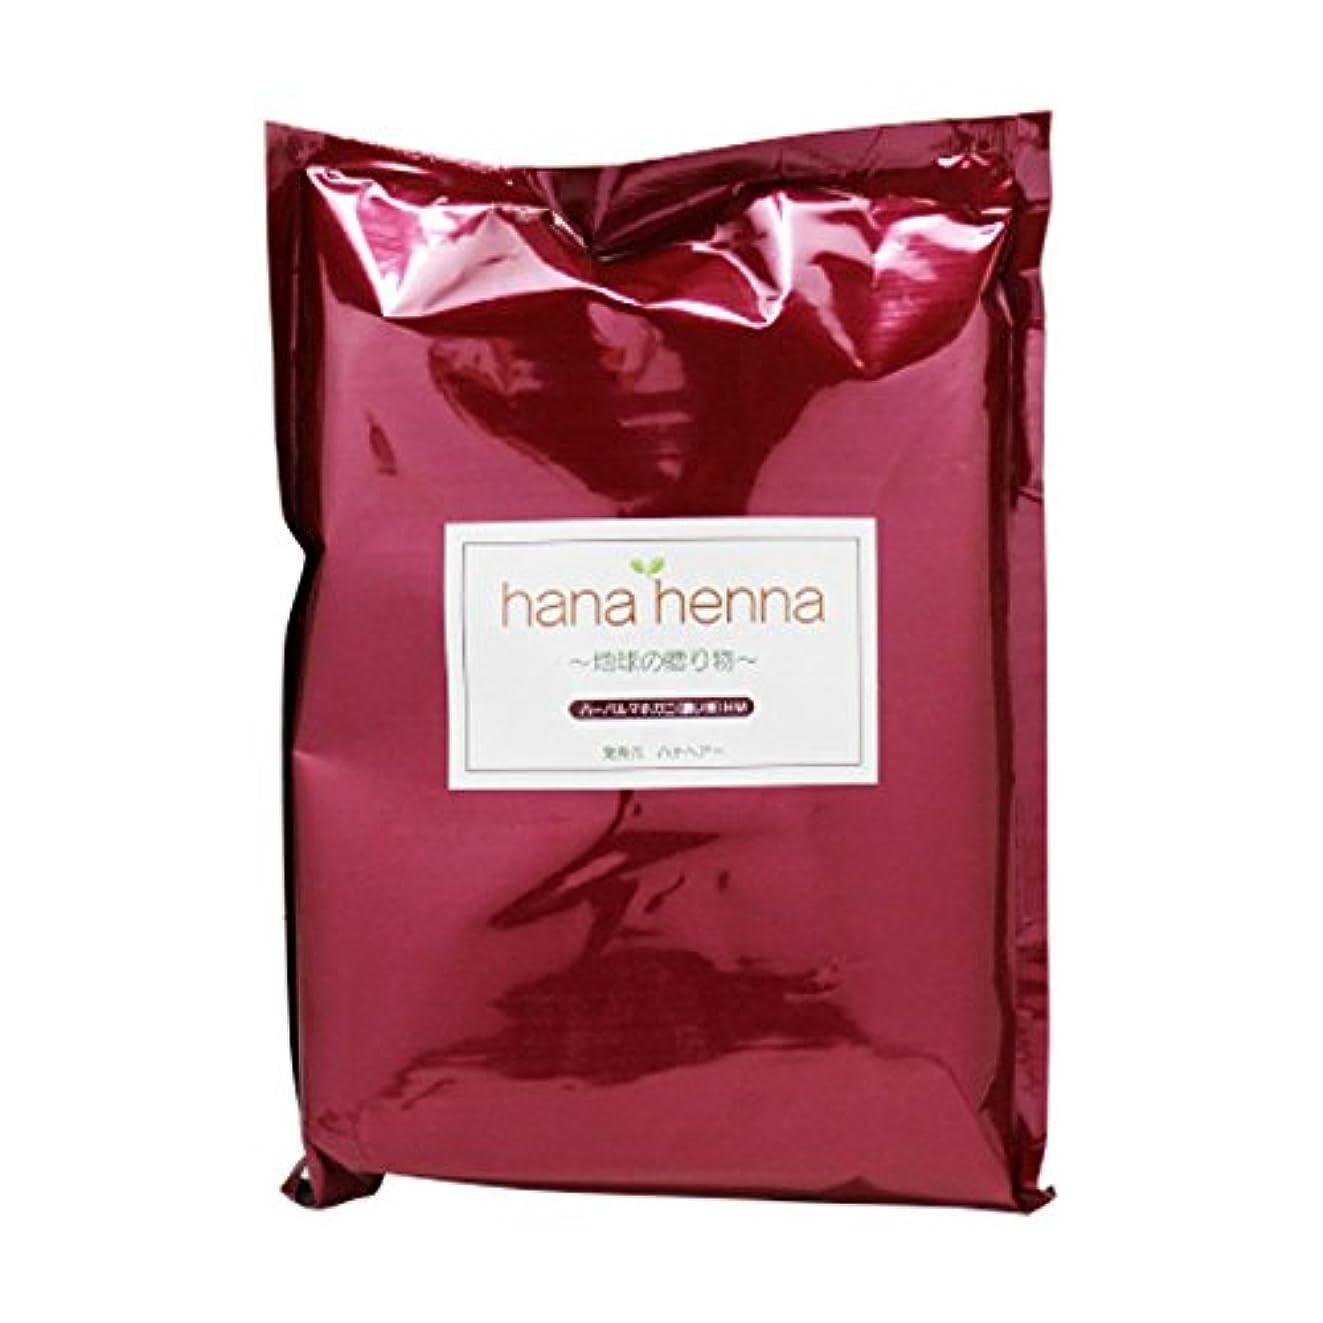 繊維増幅する洞窟hanahenna ハーバルマホガニー HM(濃い茶) 100g